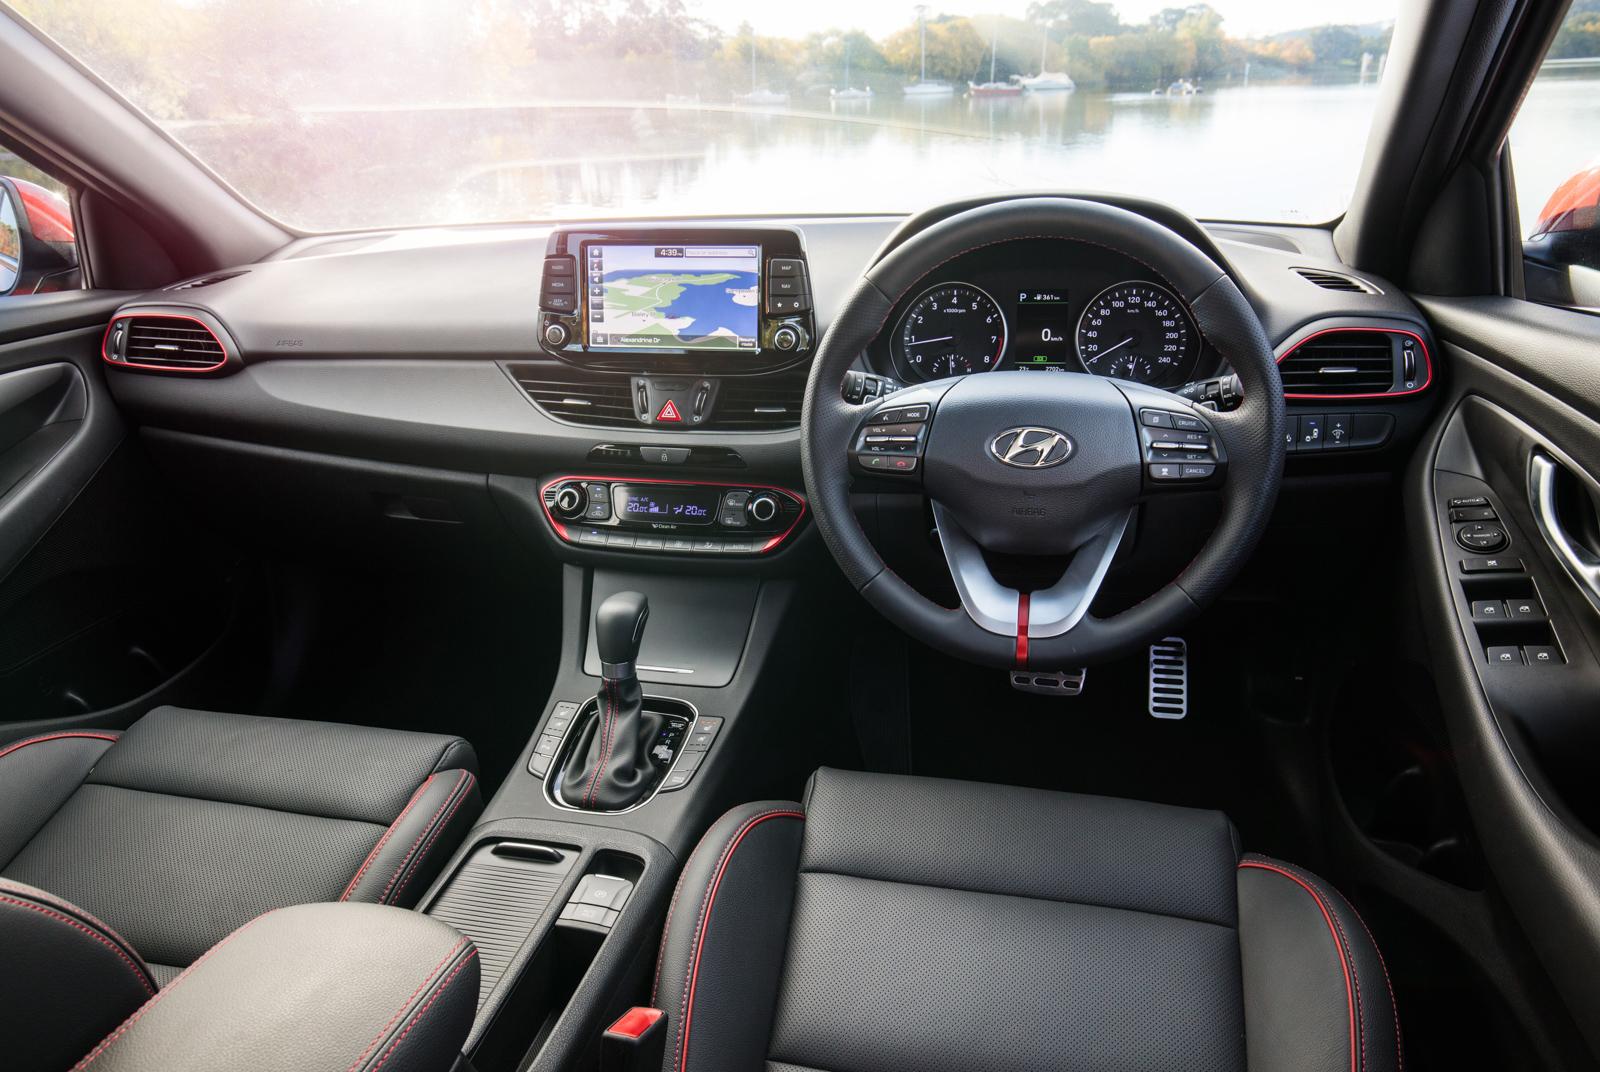 2017 Hyundai i30 SR Premium-interior